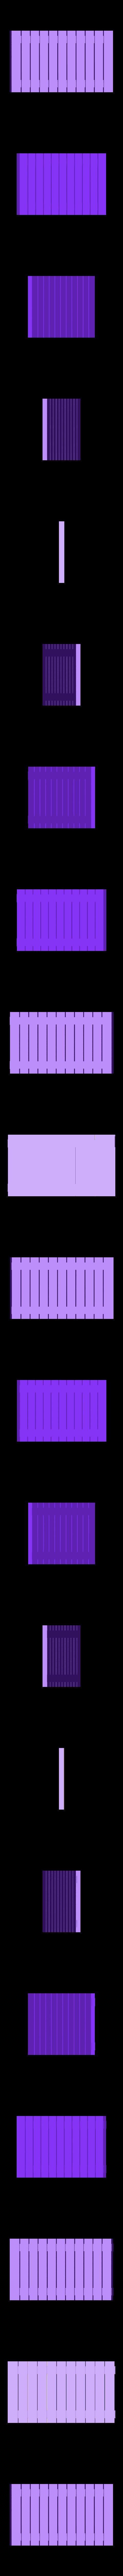 floor_straight1.stl Télécharger fichier STL gratuit Ripper's London - The (Modular) Factory • Modèle pour imprimante 3D, Earsling